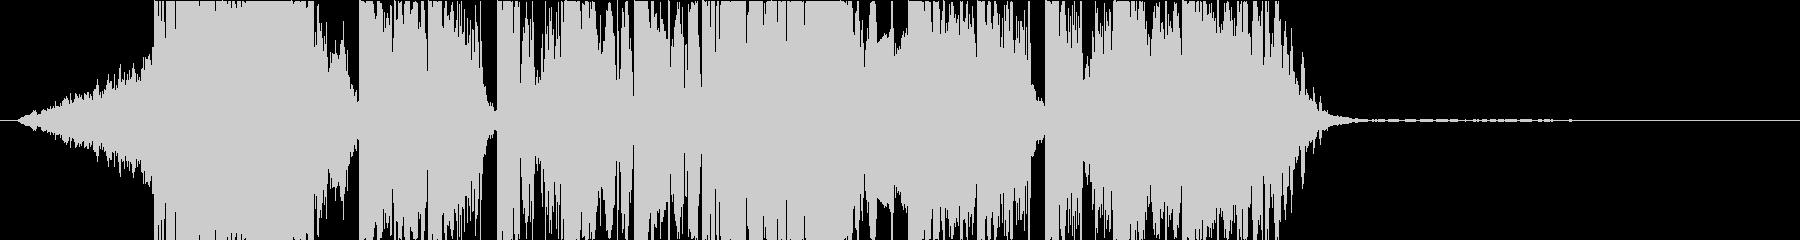 DUBSTEP クール ジングル139の未再生の波形